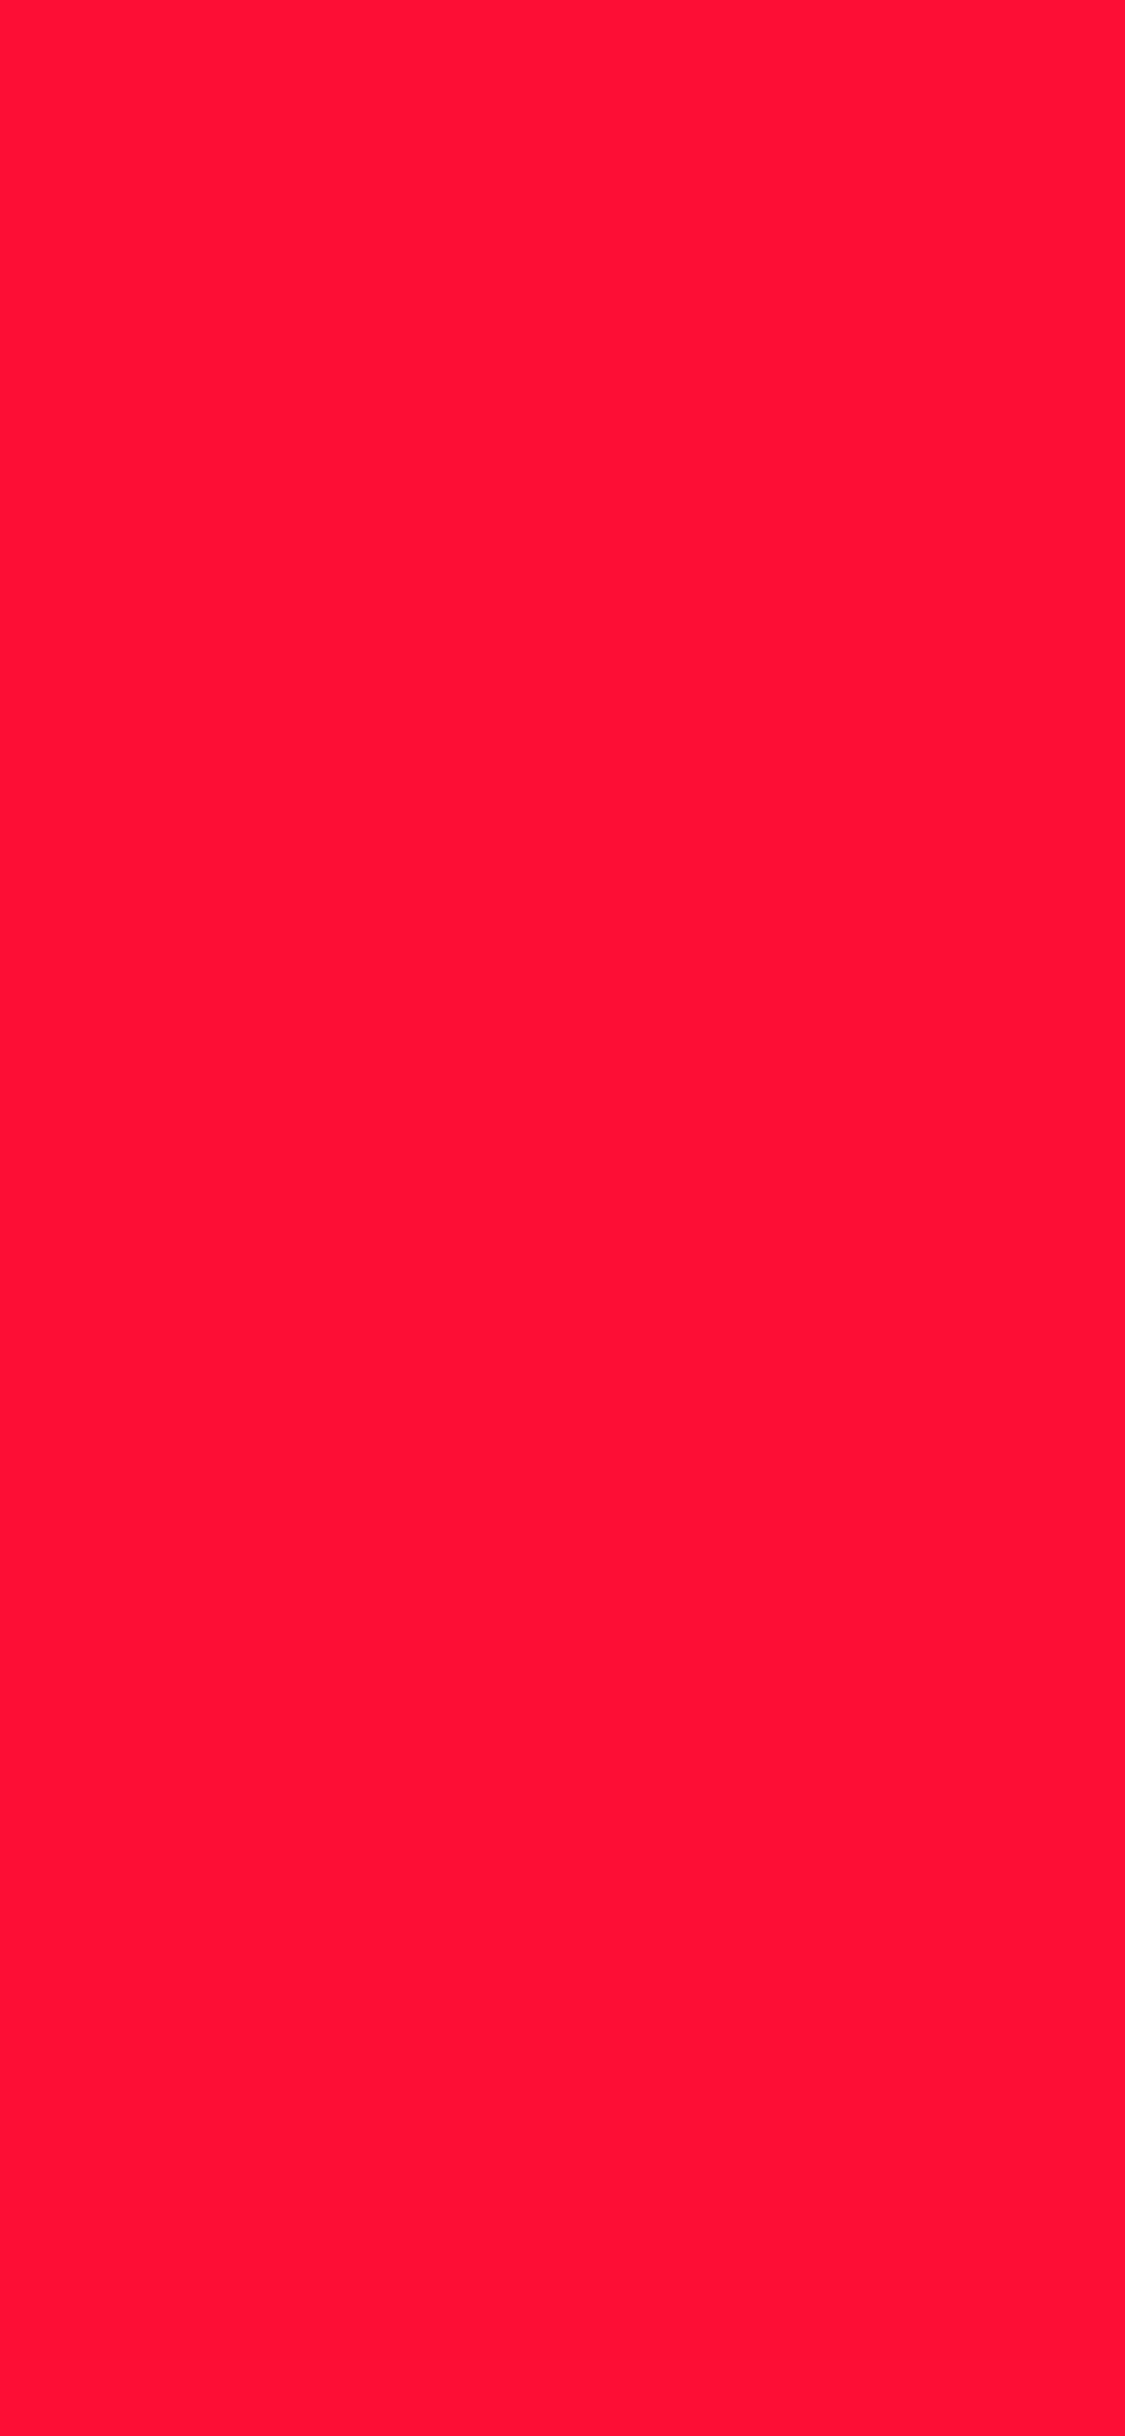 1125x2436 Scarlet Crayola Solid Color Background